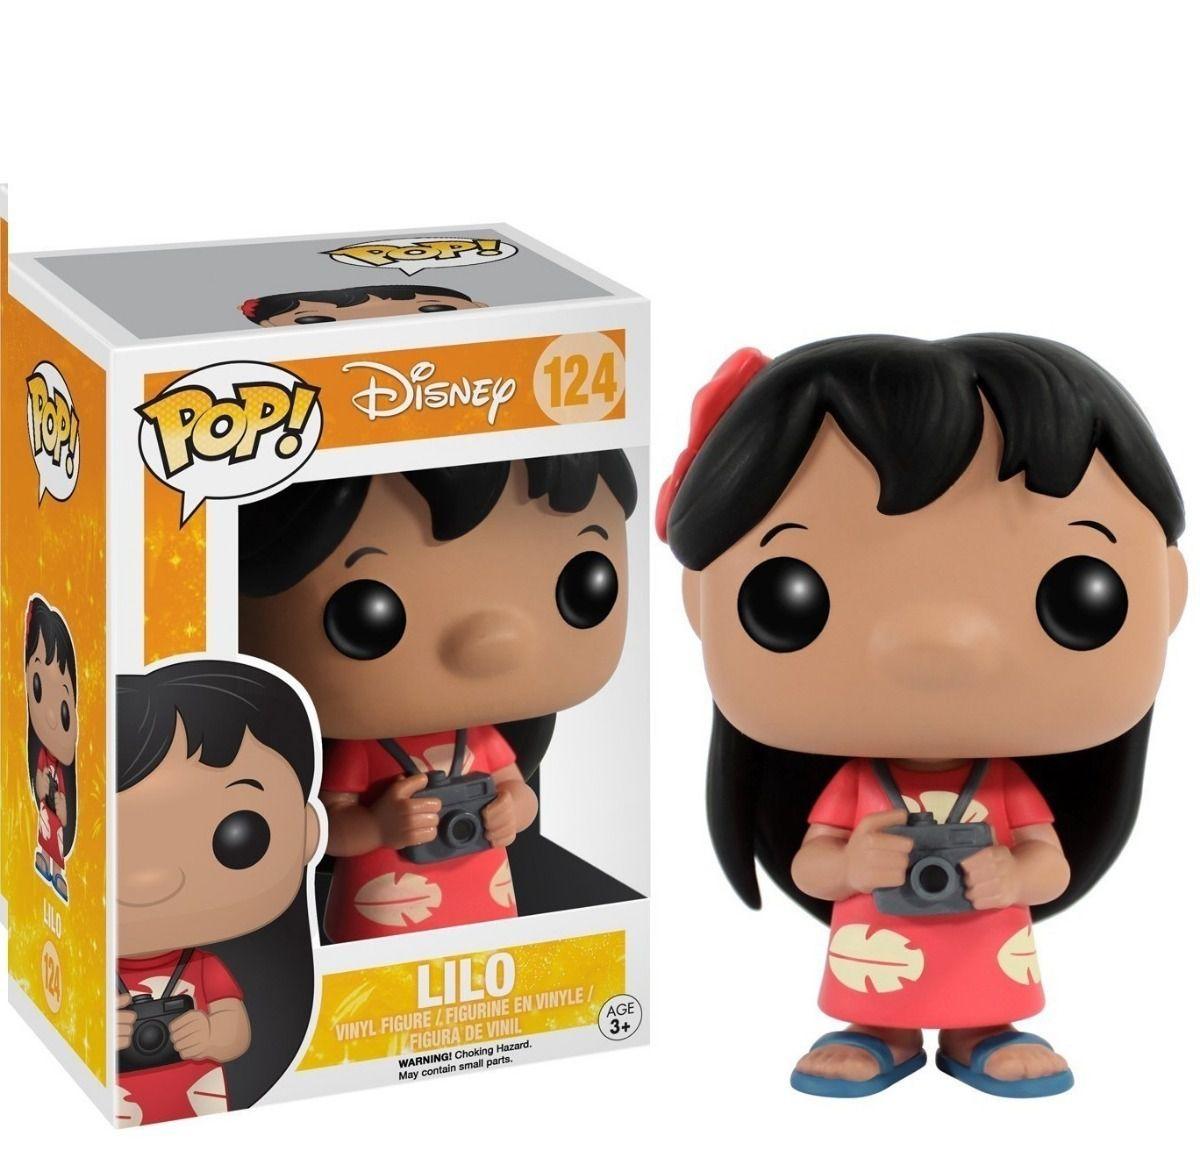 Funko Pop Disney Lilo e Stitch - Lilo